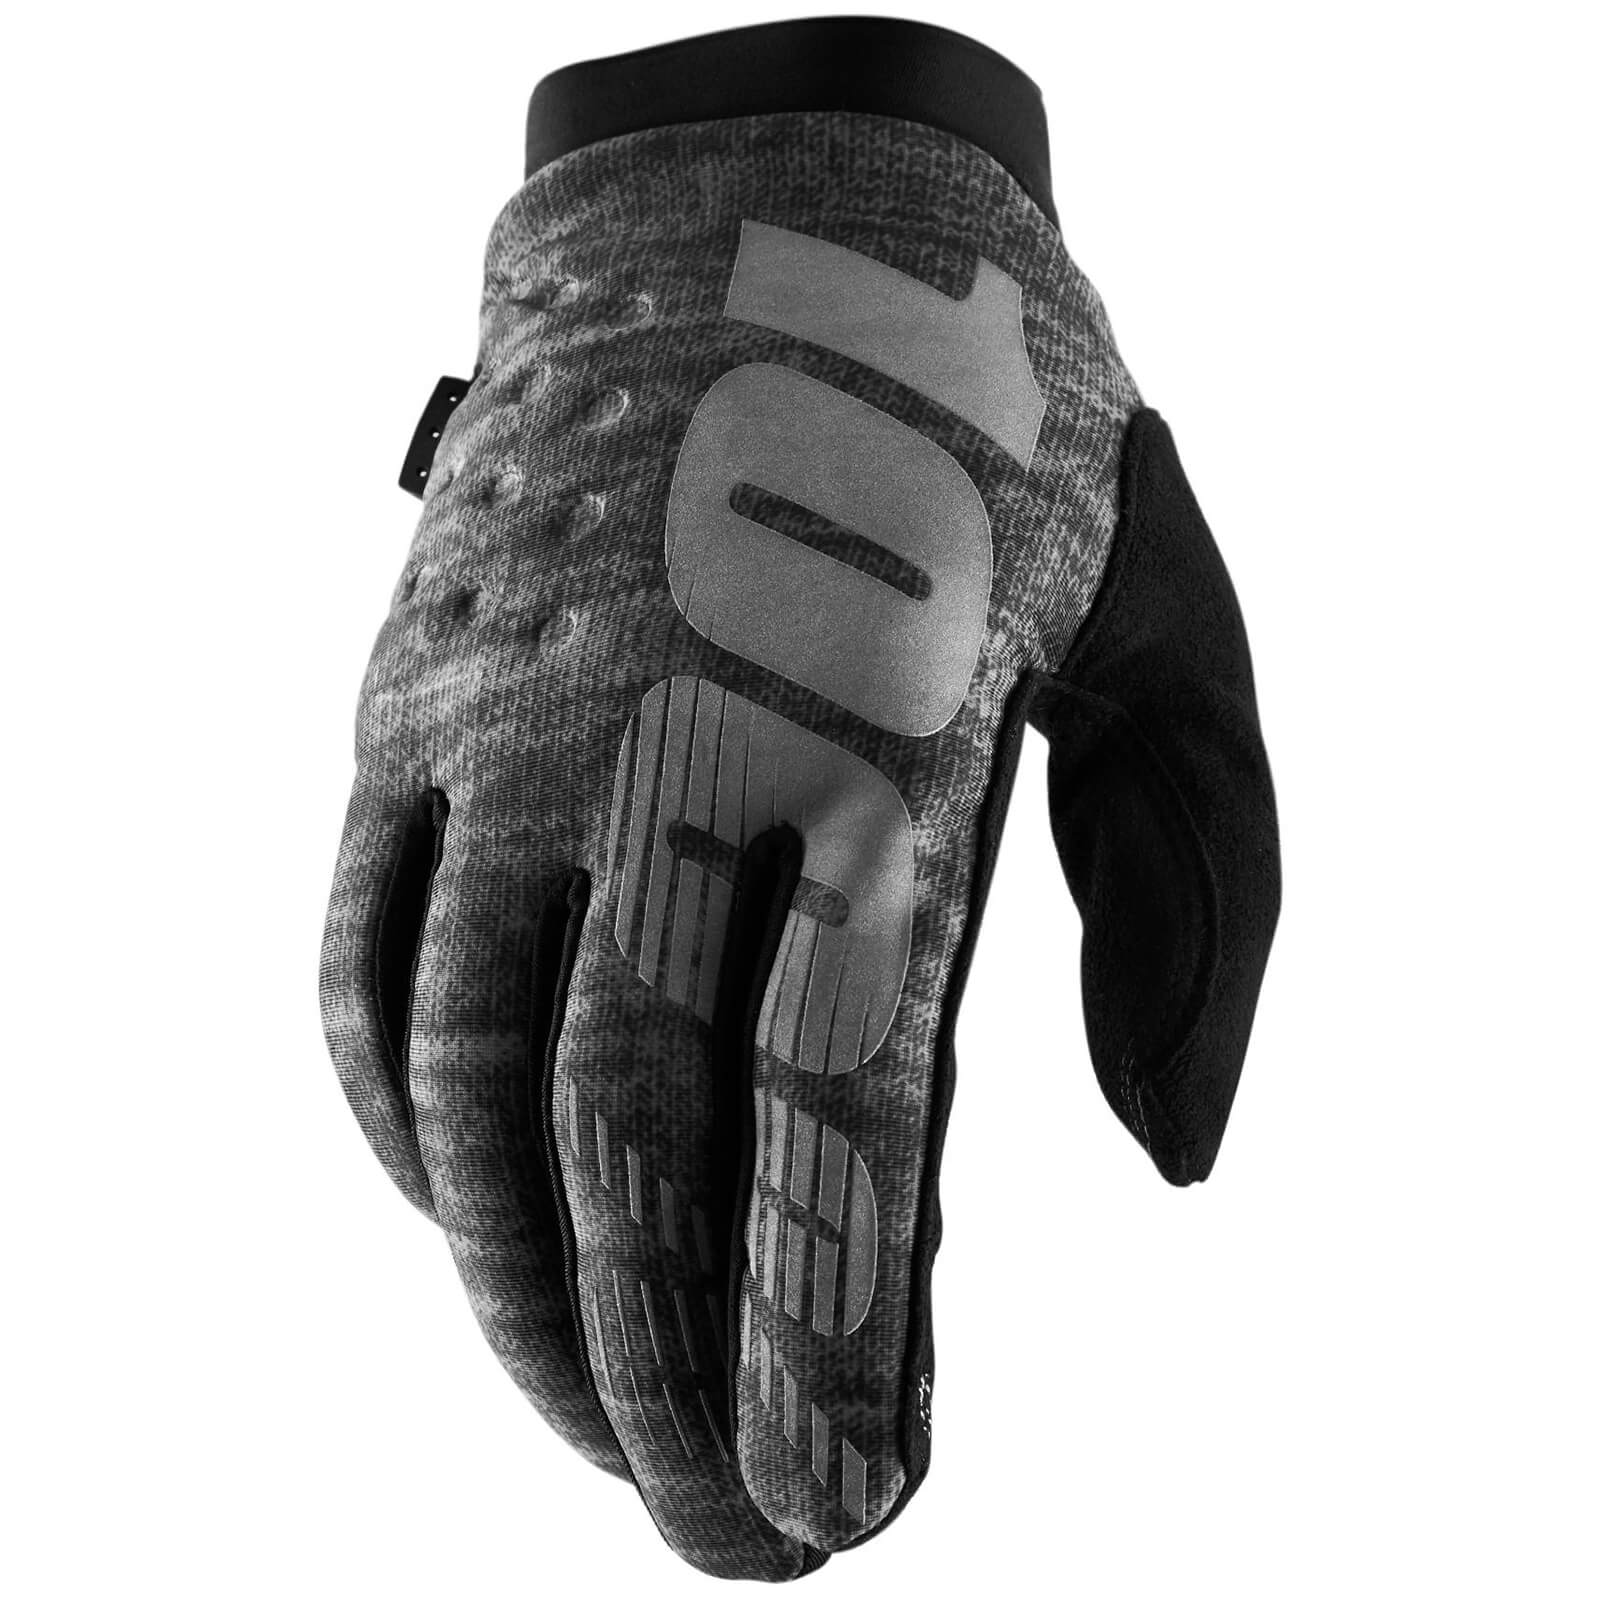 Image of 100% Brisker MTB Gloves - S - Grey